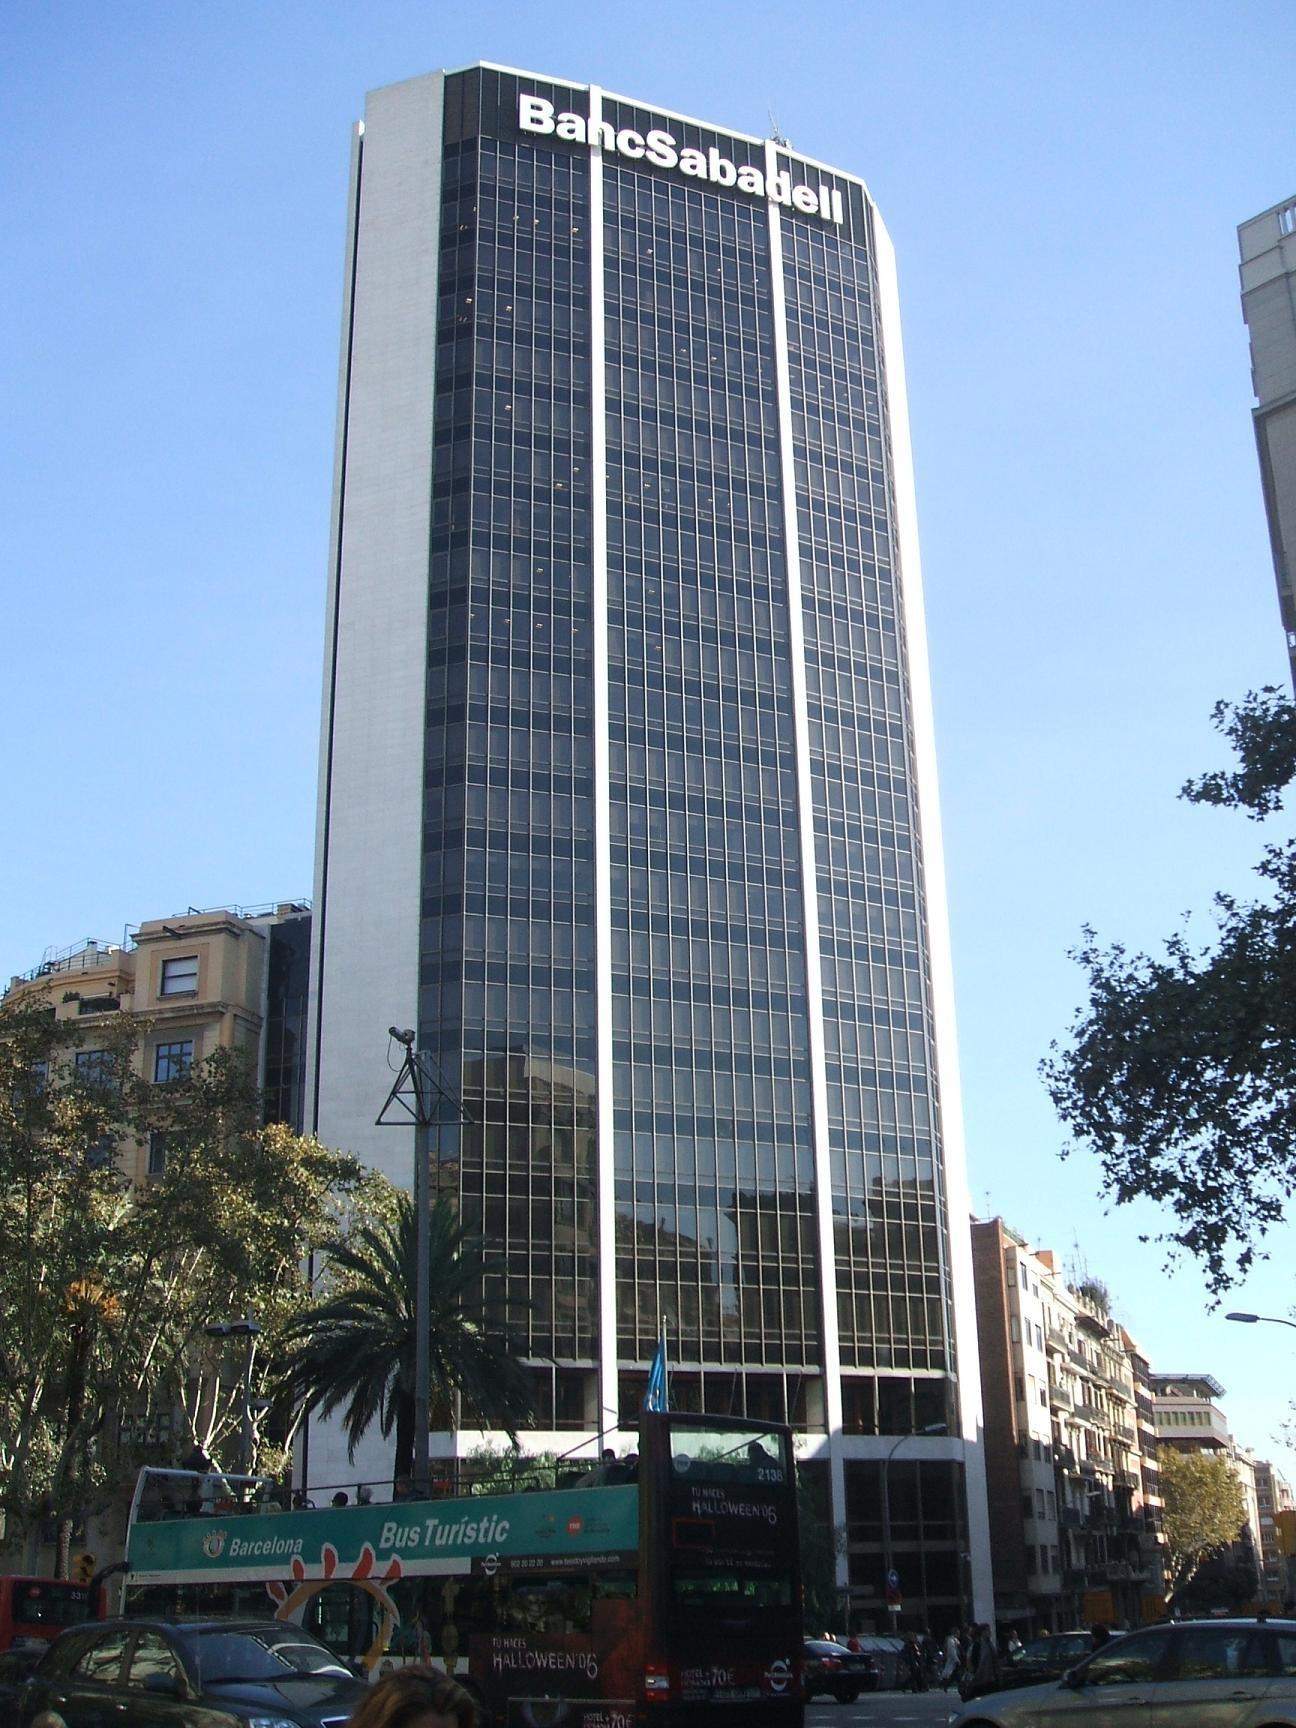 Banc Sabadell Block 14a